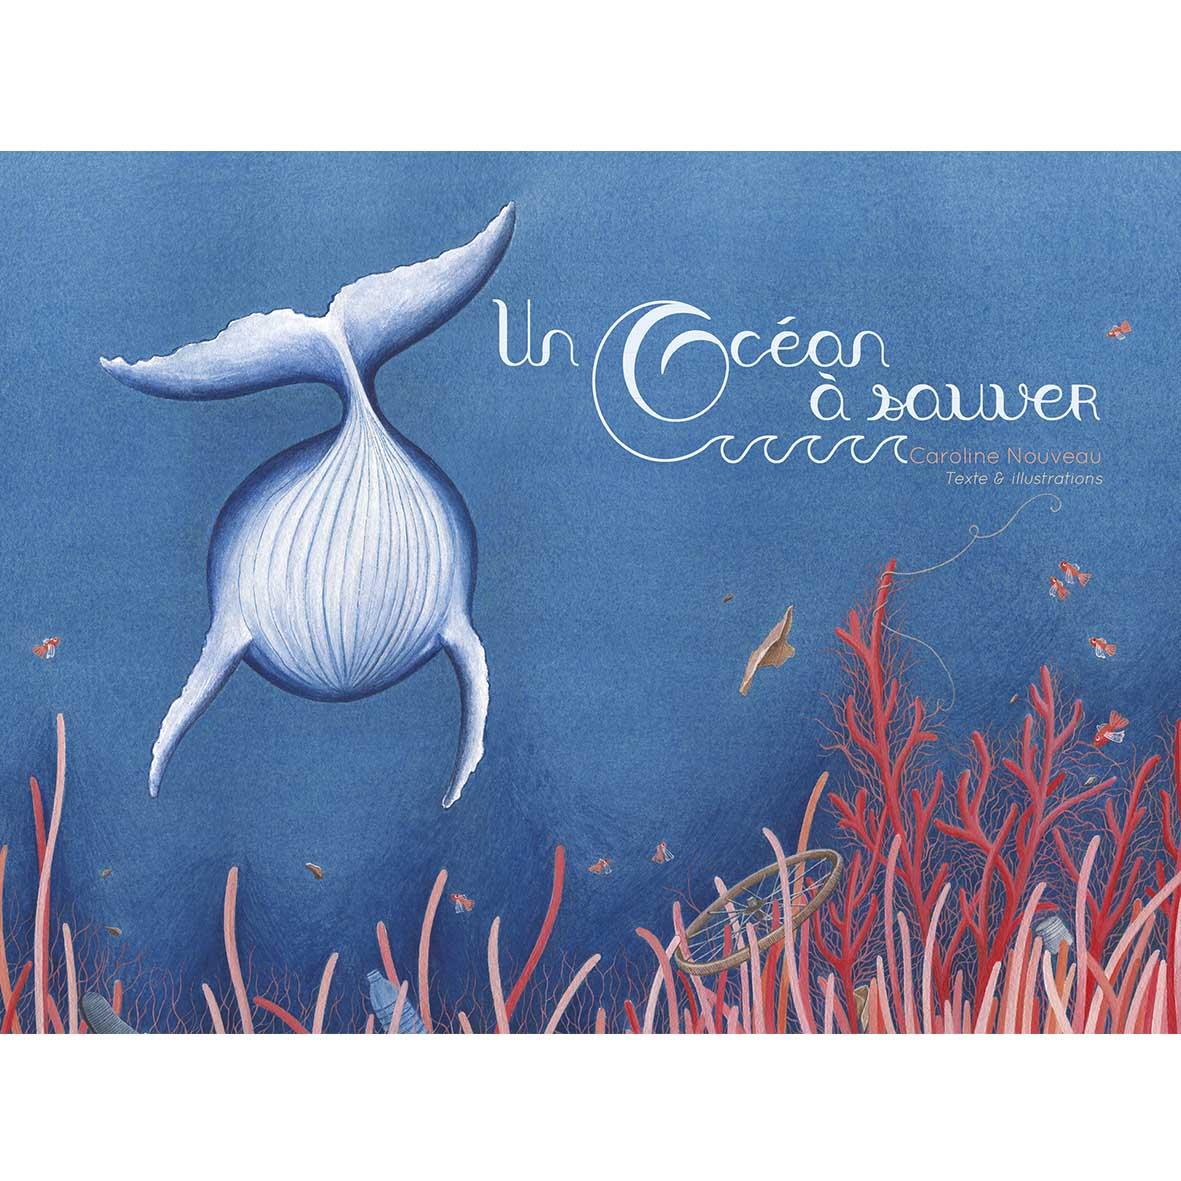 caroline-nouveau-livre-enfants-un-ocean-a-sauver-baleine-bleu-poissons-coraux-premiere-couverture